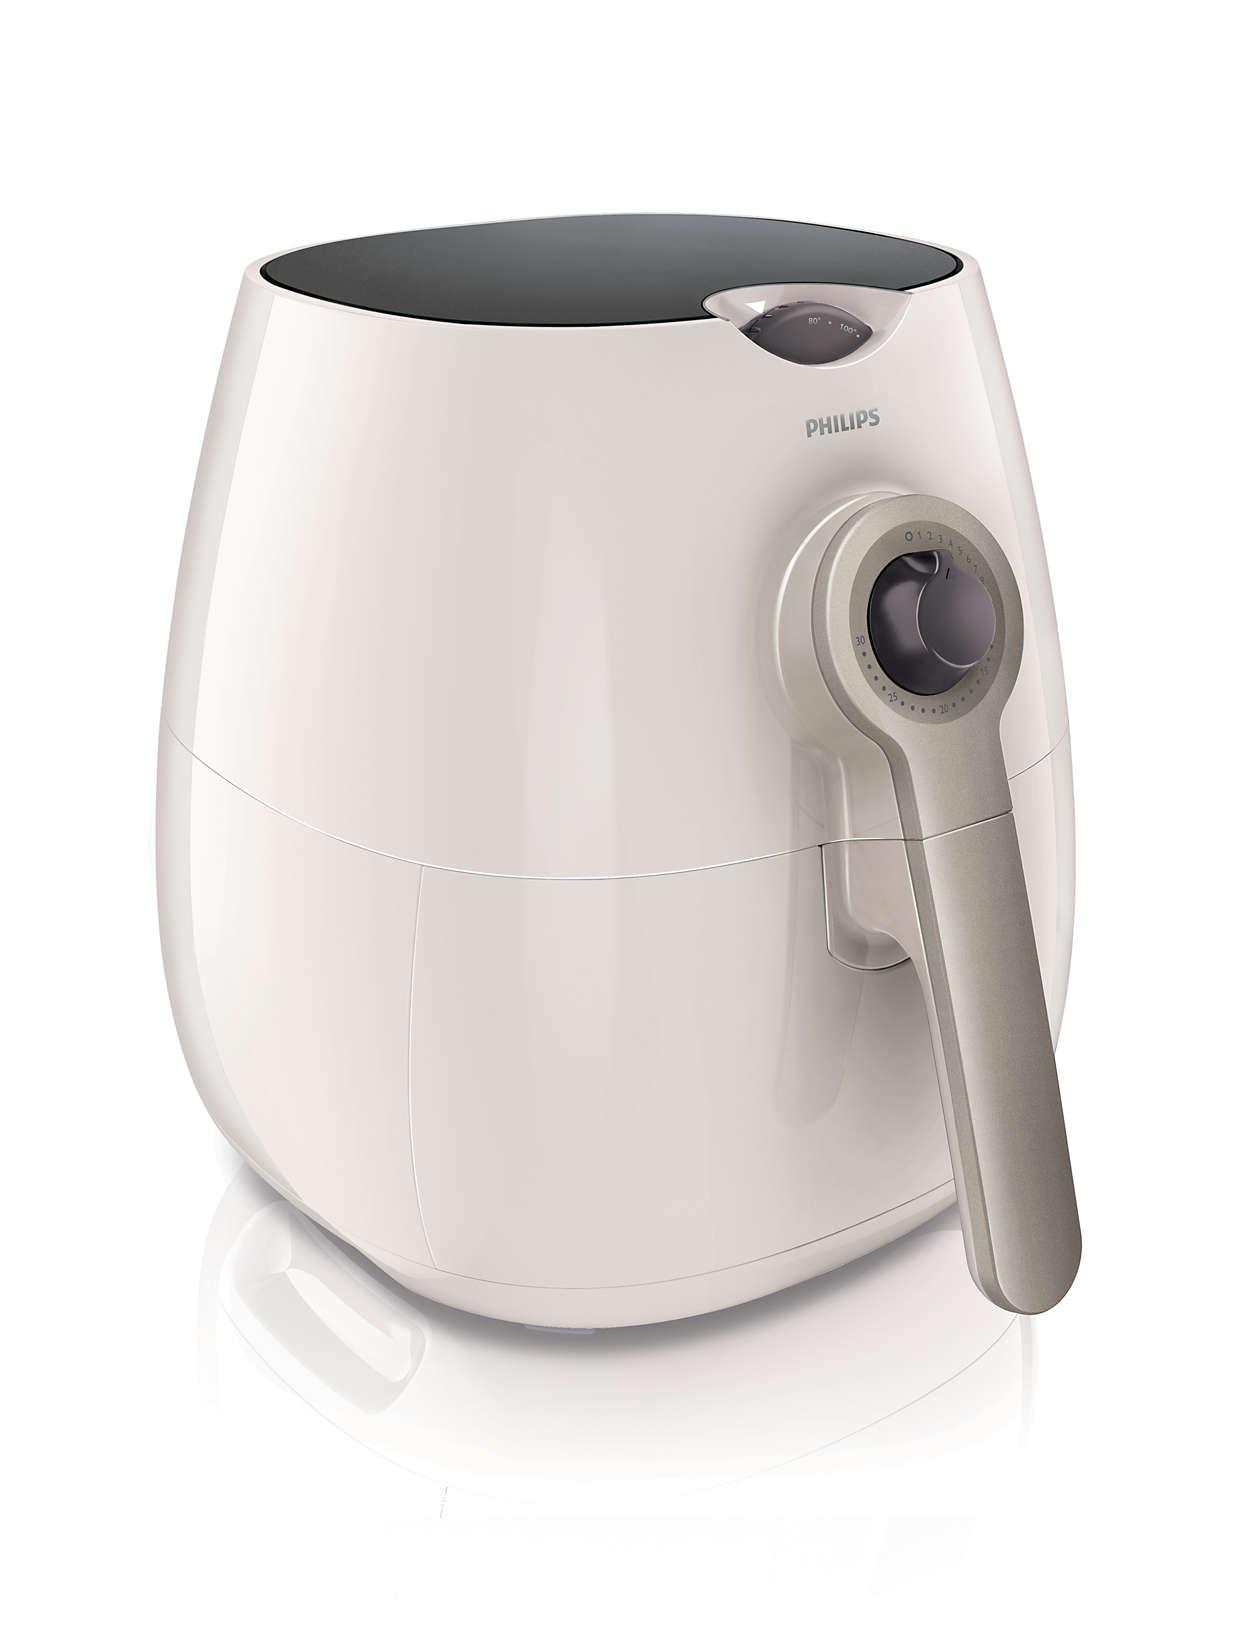 ¡Philips Airfryer reduce el exceso de grasa de tu dieta!